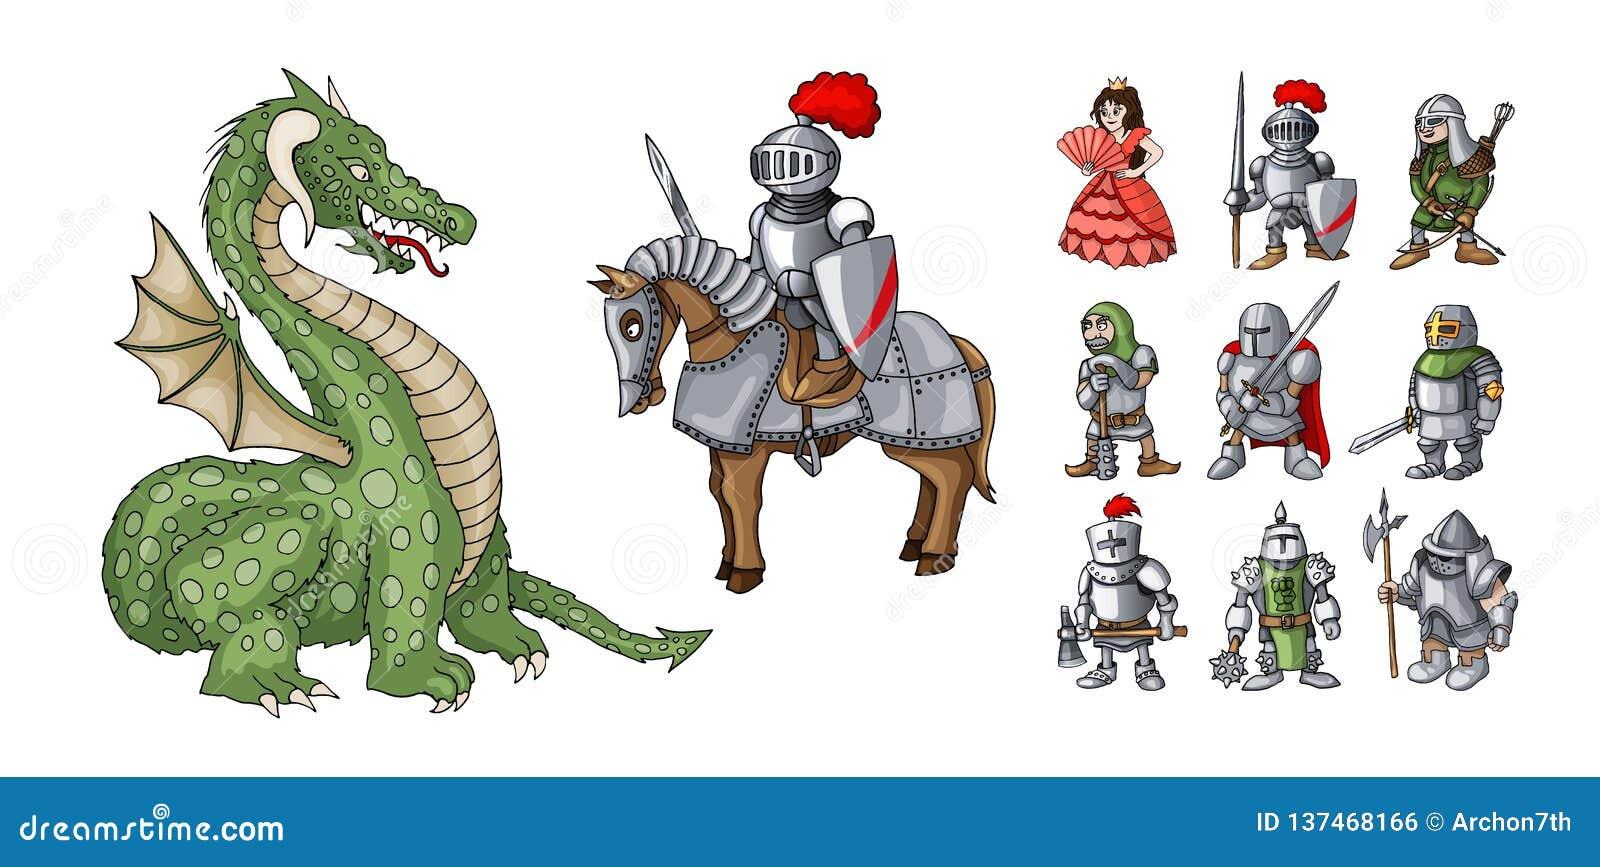 Χαρακτήρες κινουμένων σχεδίων παραμυθιών Ιππότης και δράκος φαντασίας, πριγκήπισσα και ιππότες